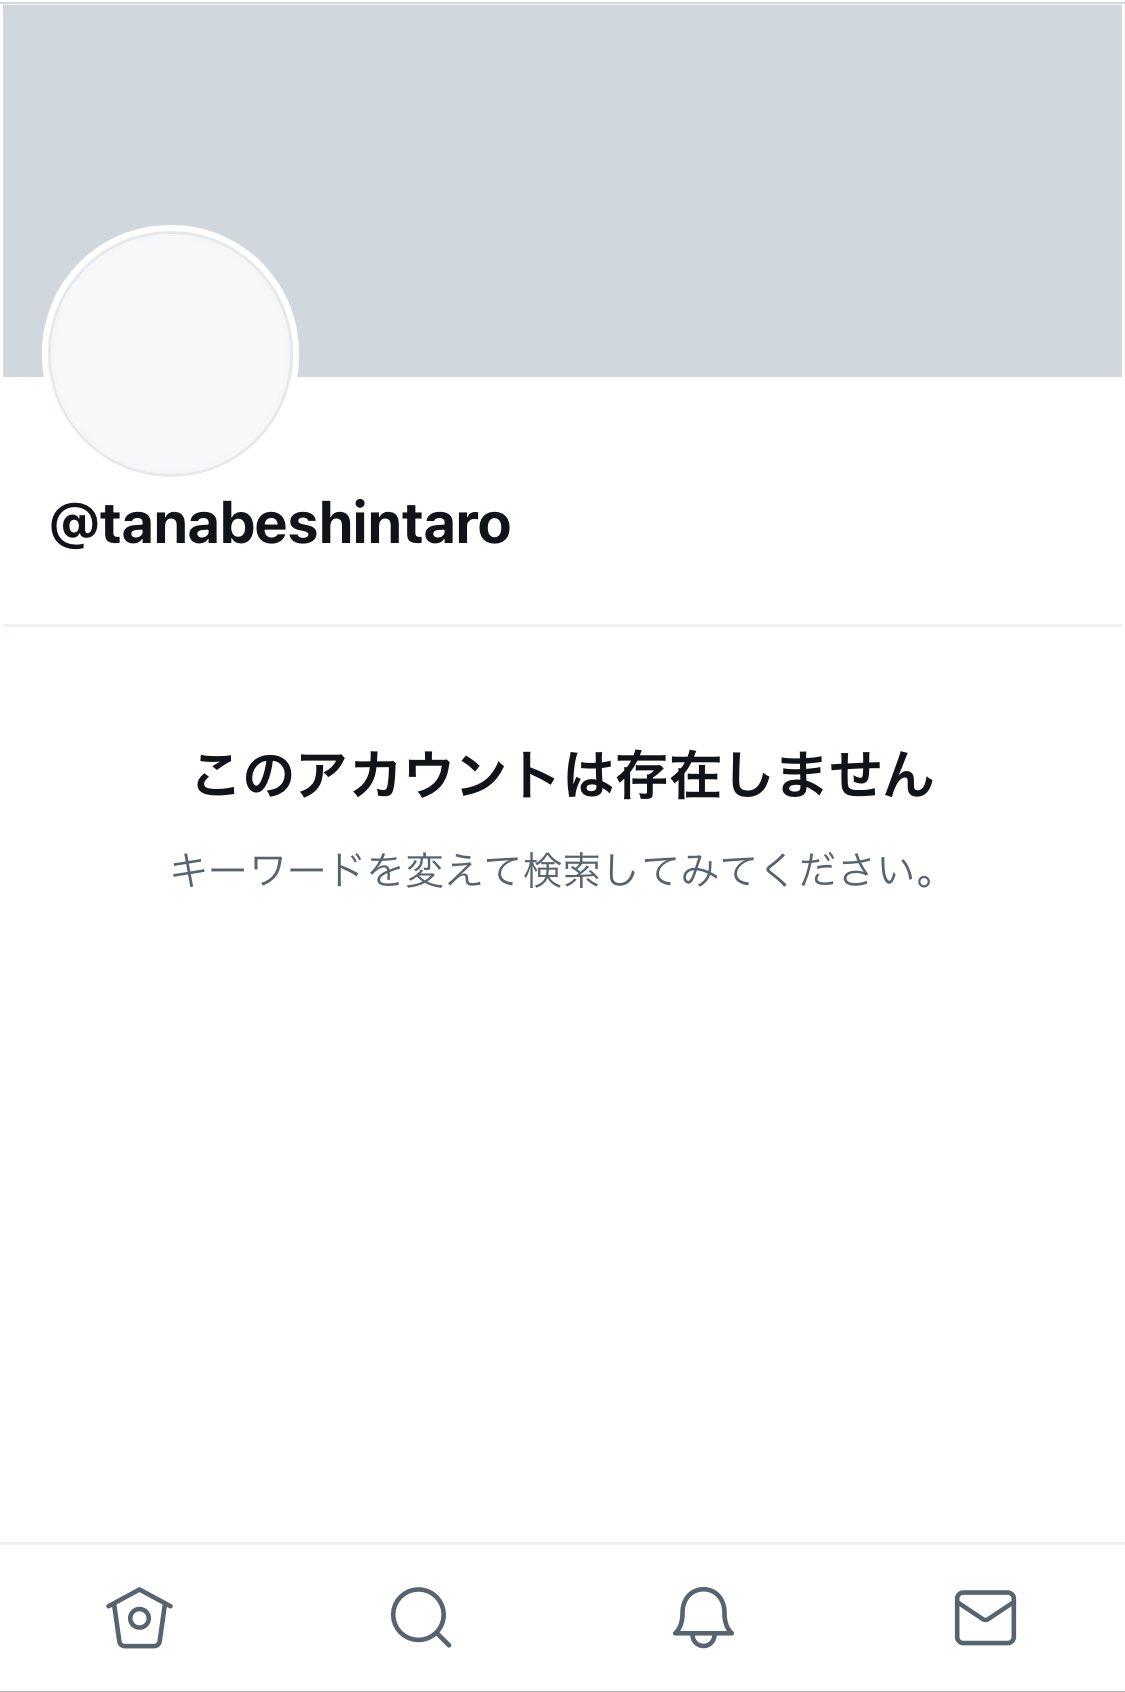 【画像】田辺晋太郎が炎上後削除したツイート・プロフ文まとめ